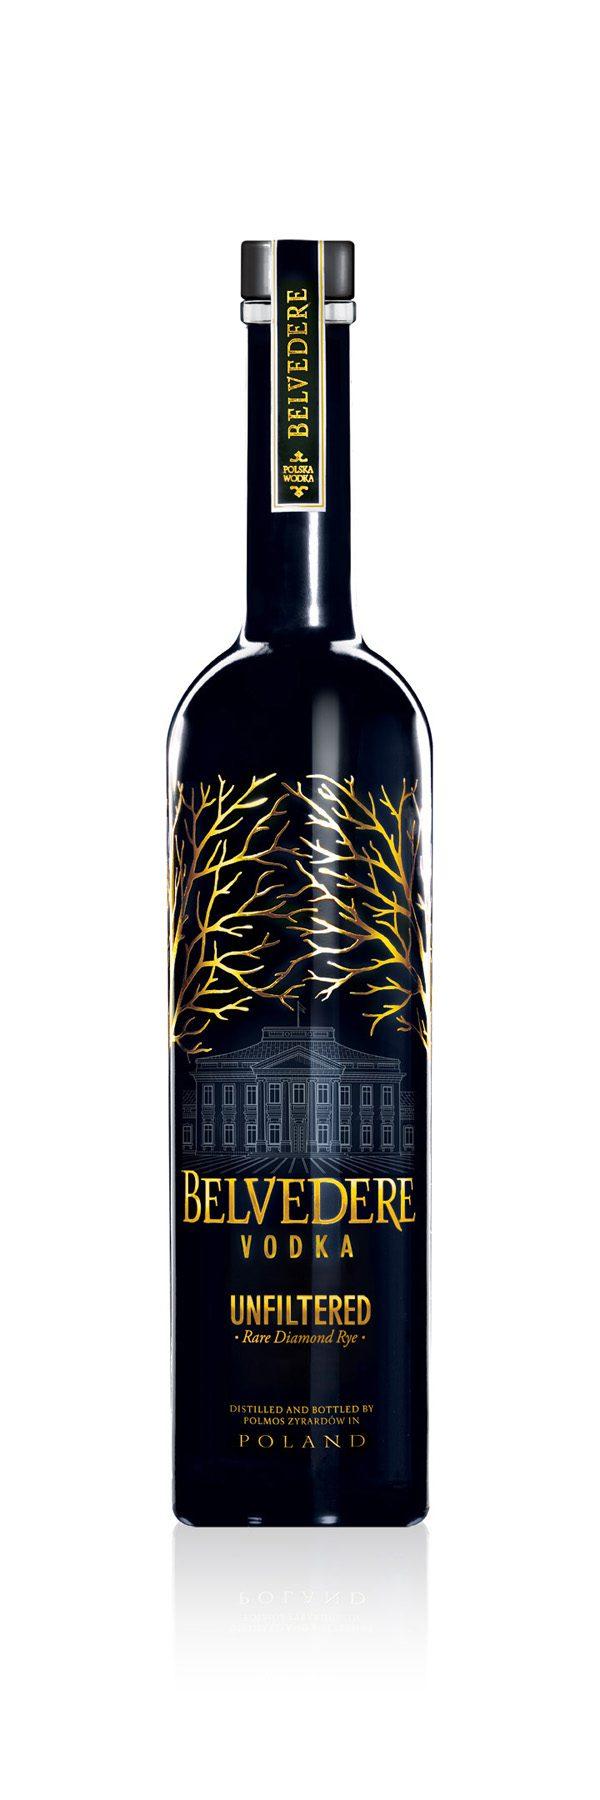 BELVEDERE - Vodka Unfiltred - 50€